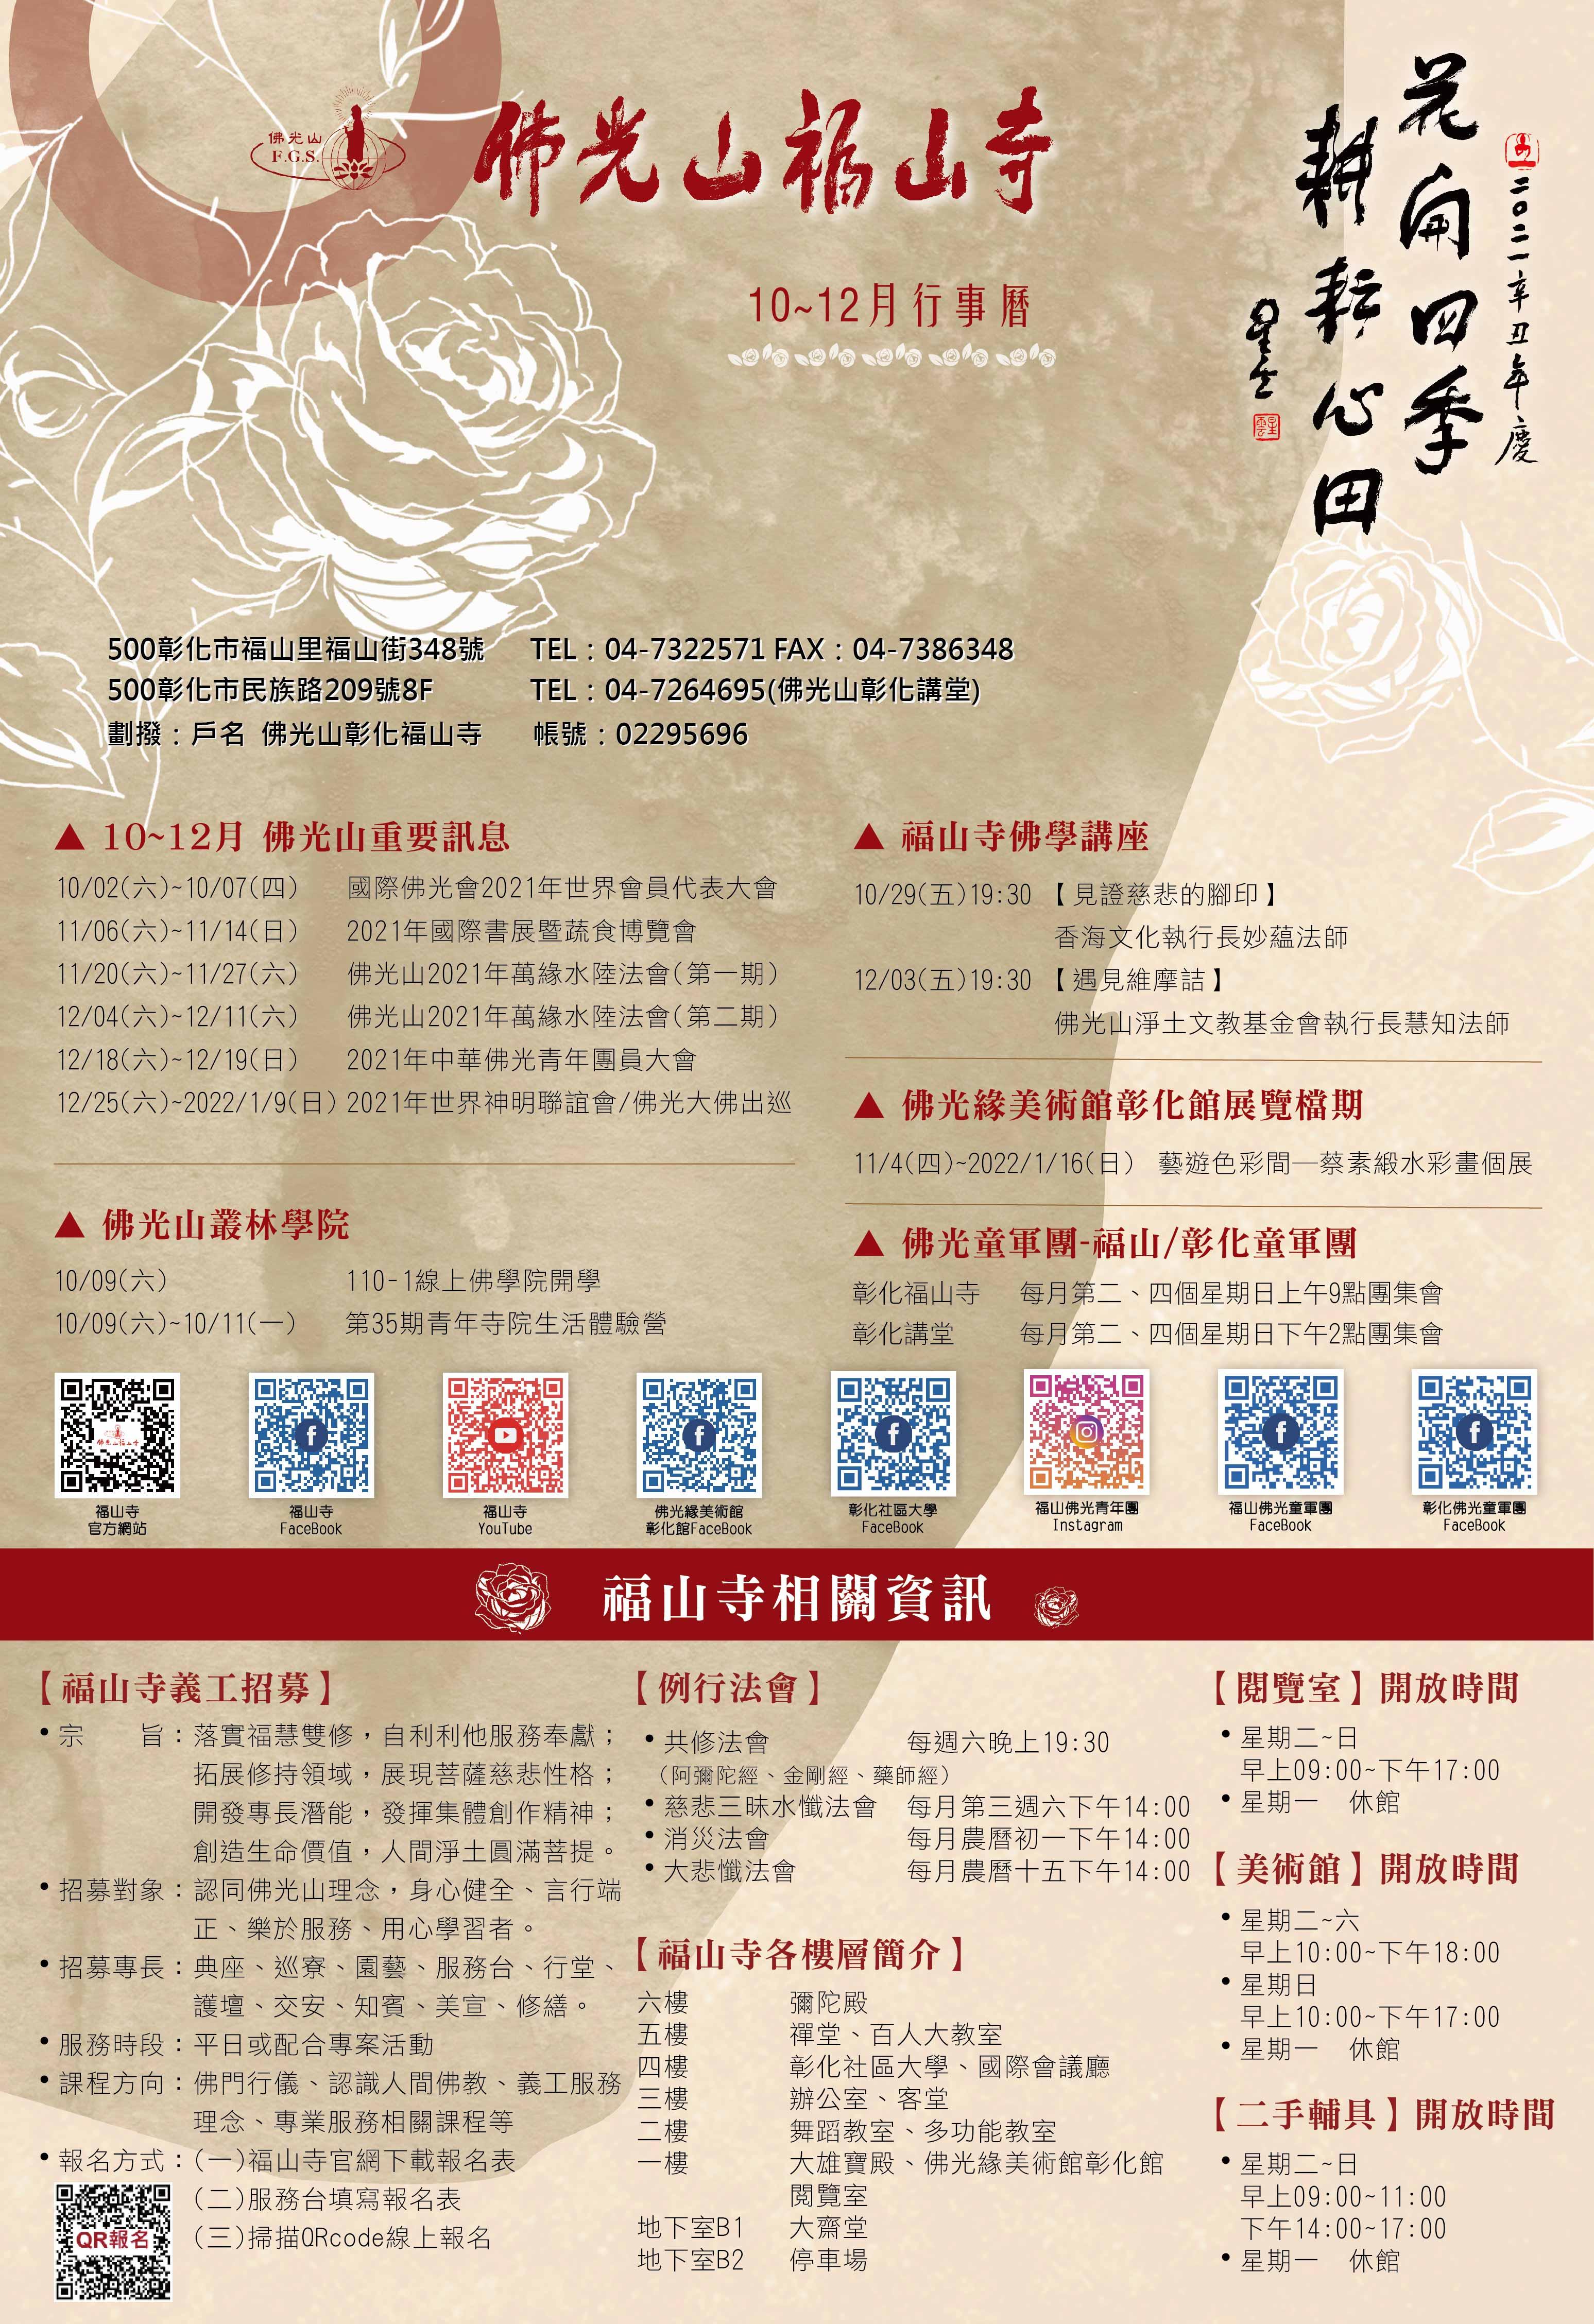 佛光山福山寺10-12月行事曆-__工作區域 1.jpg